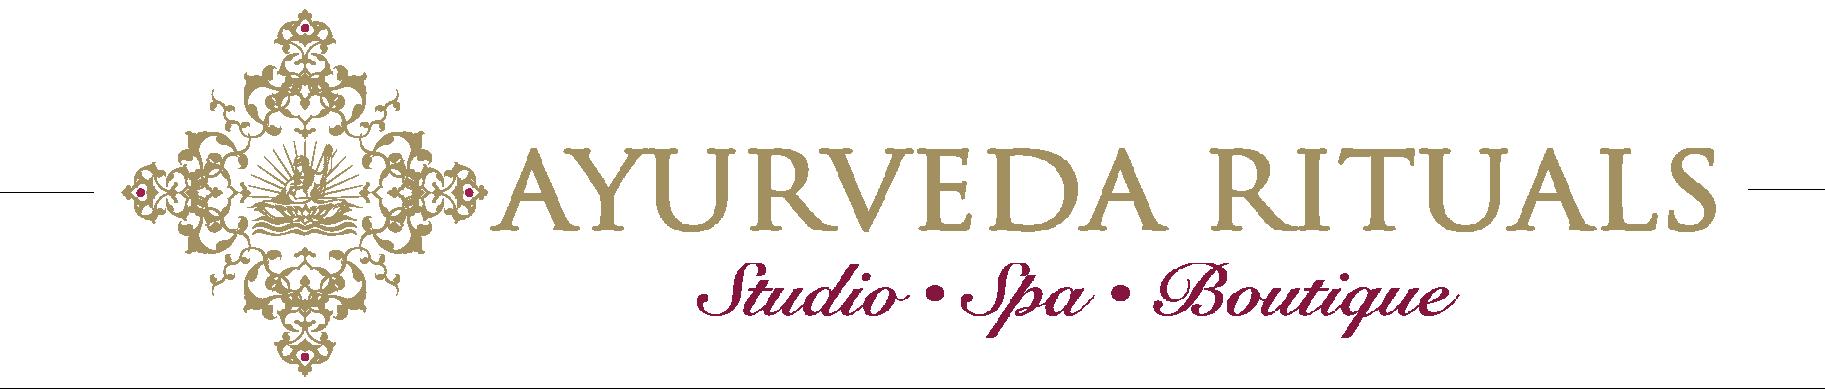 Andrea Olivera Centre for Ayurveda Rituals